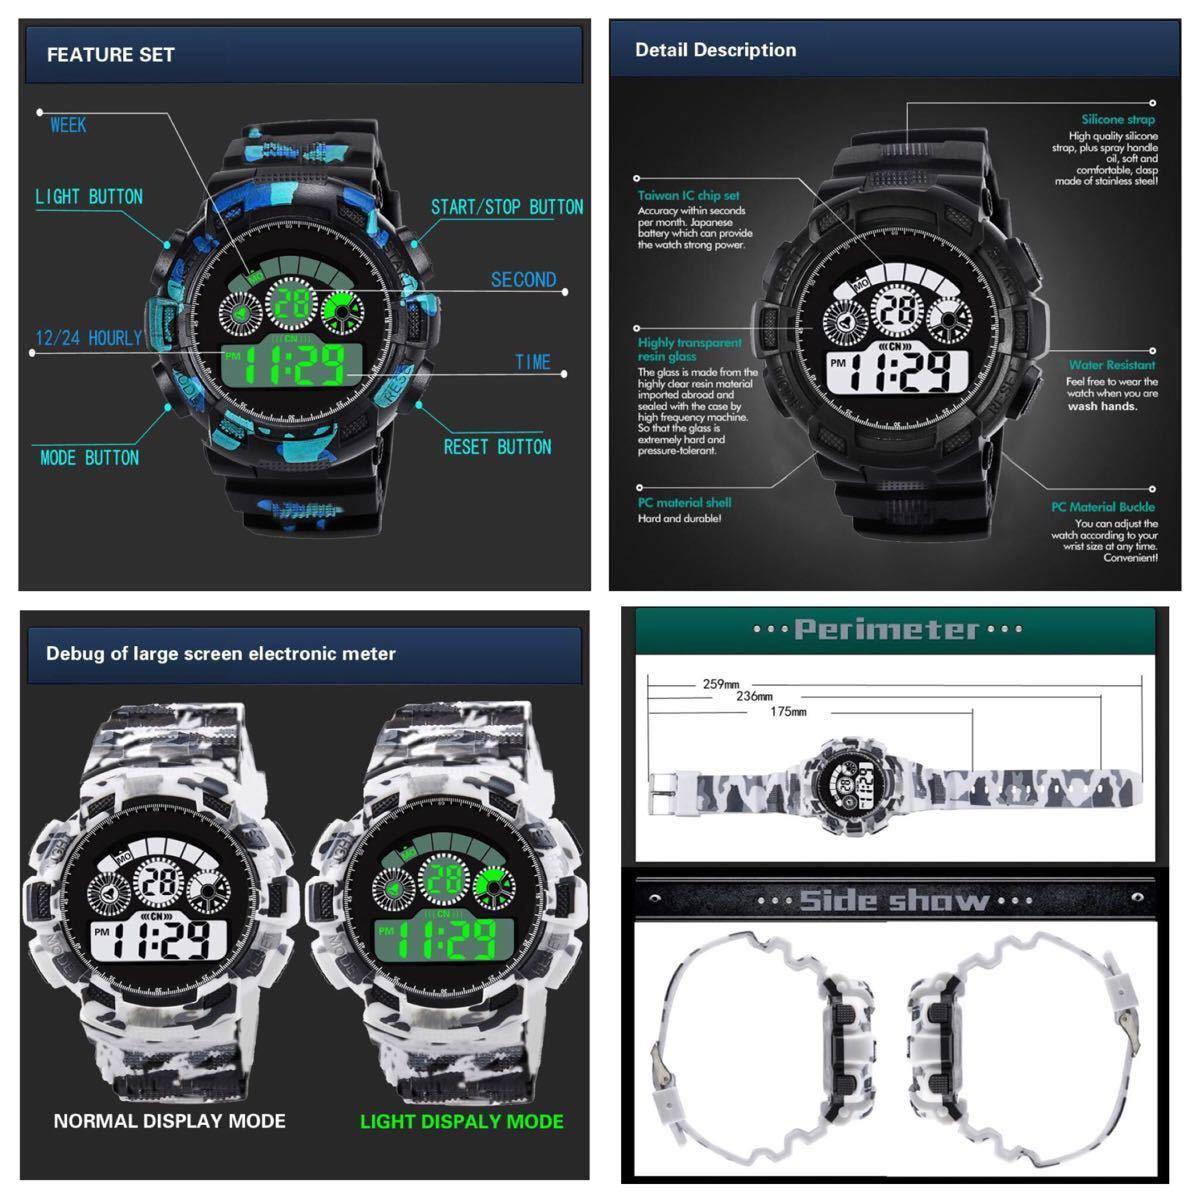 スポーツ腕時計 LEDライト デジタル 腕時計 ミリタリー 耐久性 スポーツ アウトドア ランニング アウトドア 男女兼用 カモフラージュ 青_画像5